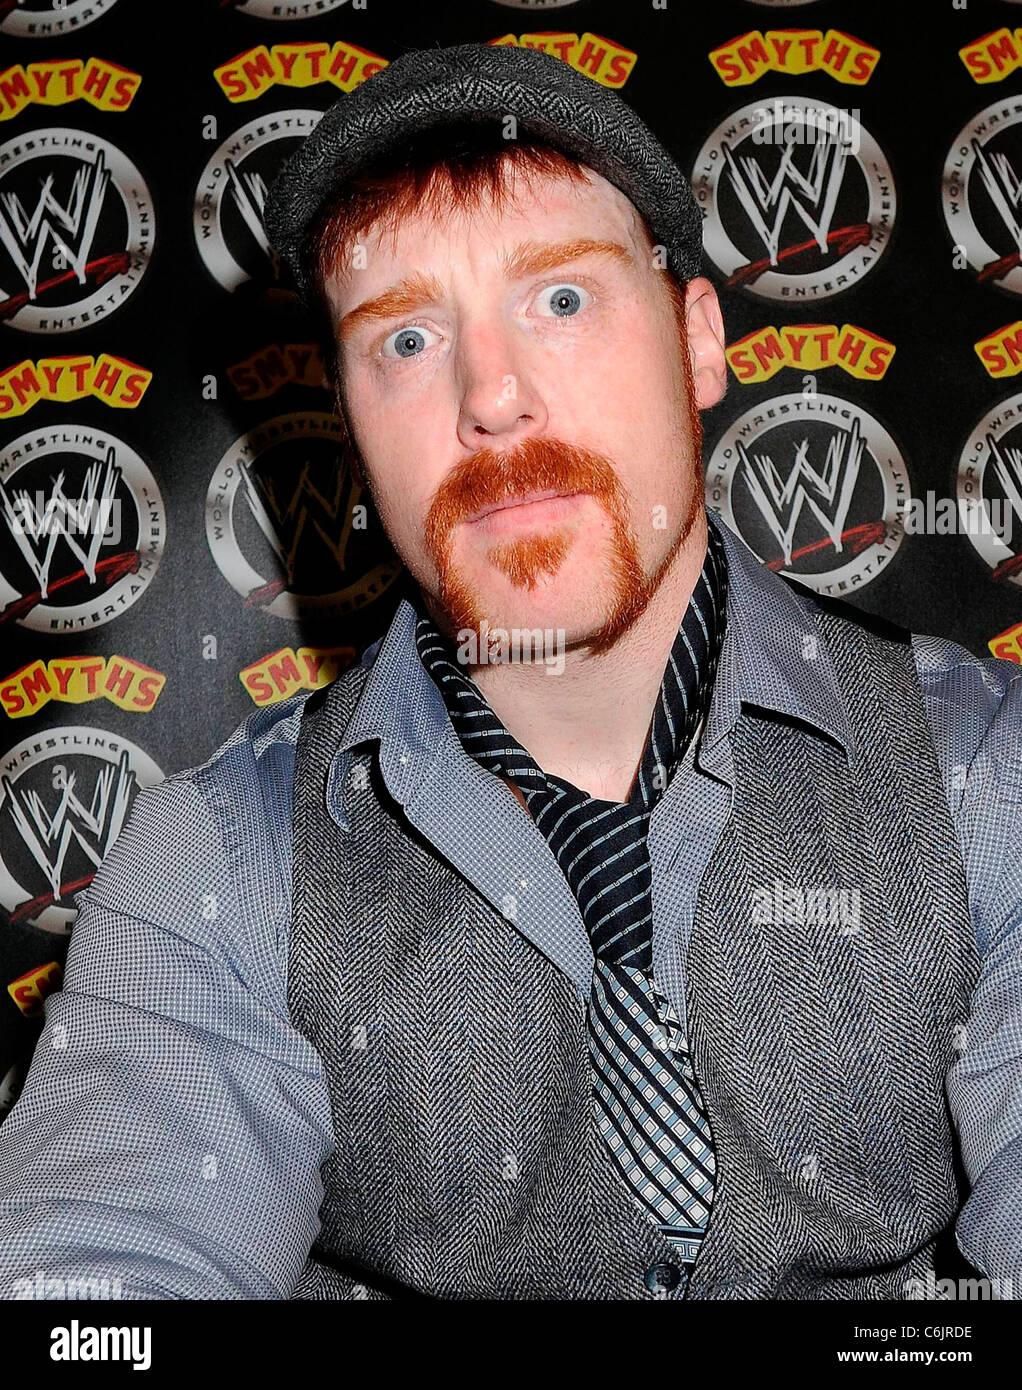 Wwe Wrestler Sheamus Toy Store Stock Photos Wwe Wrestler Sheamus